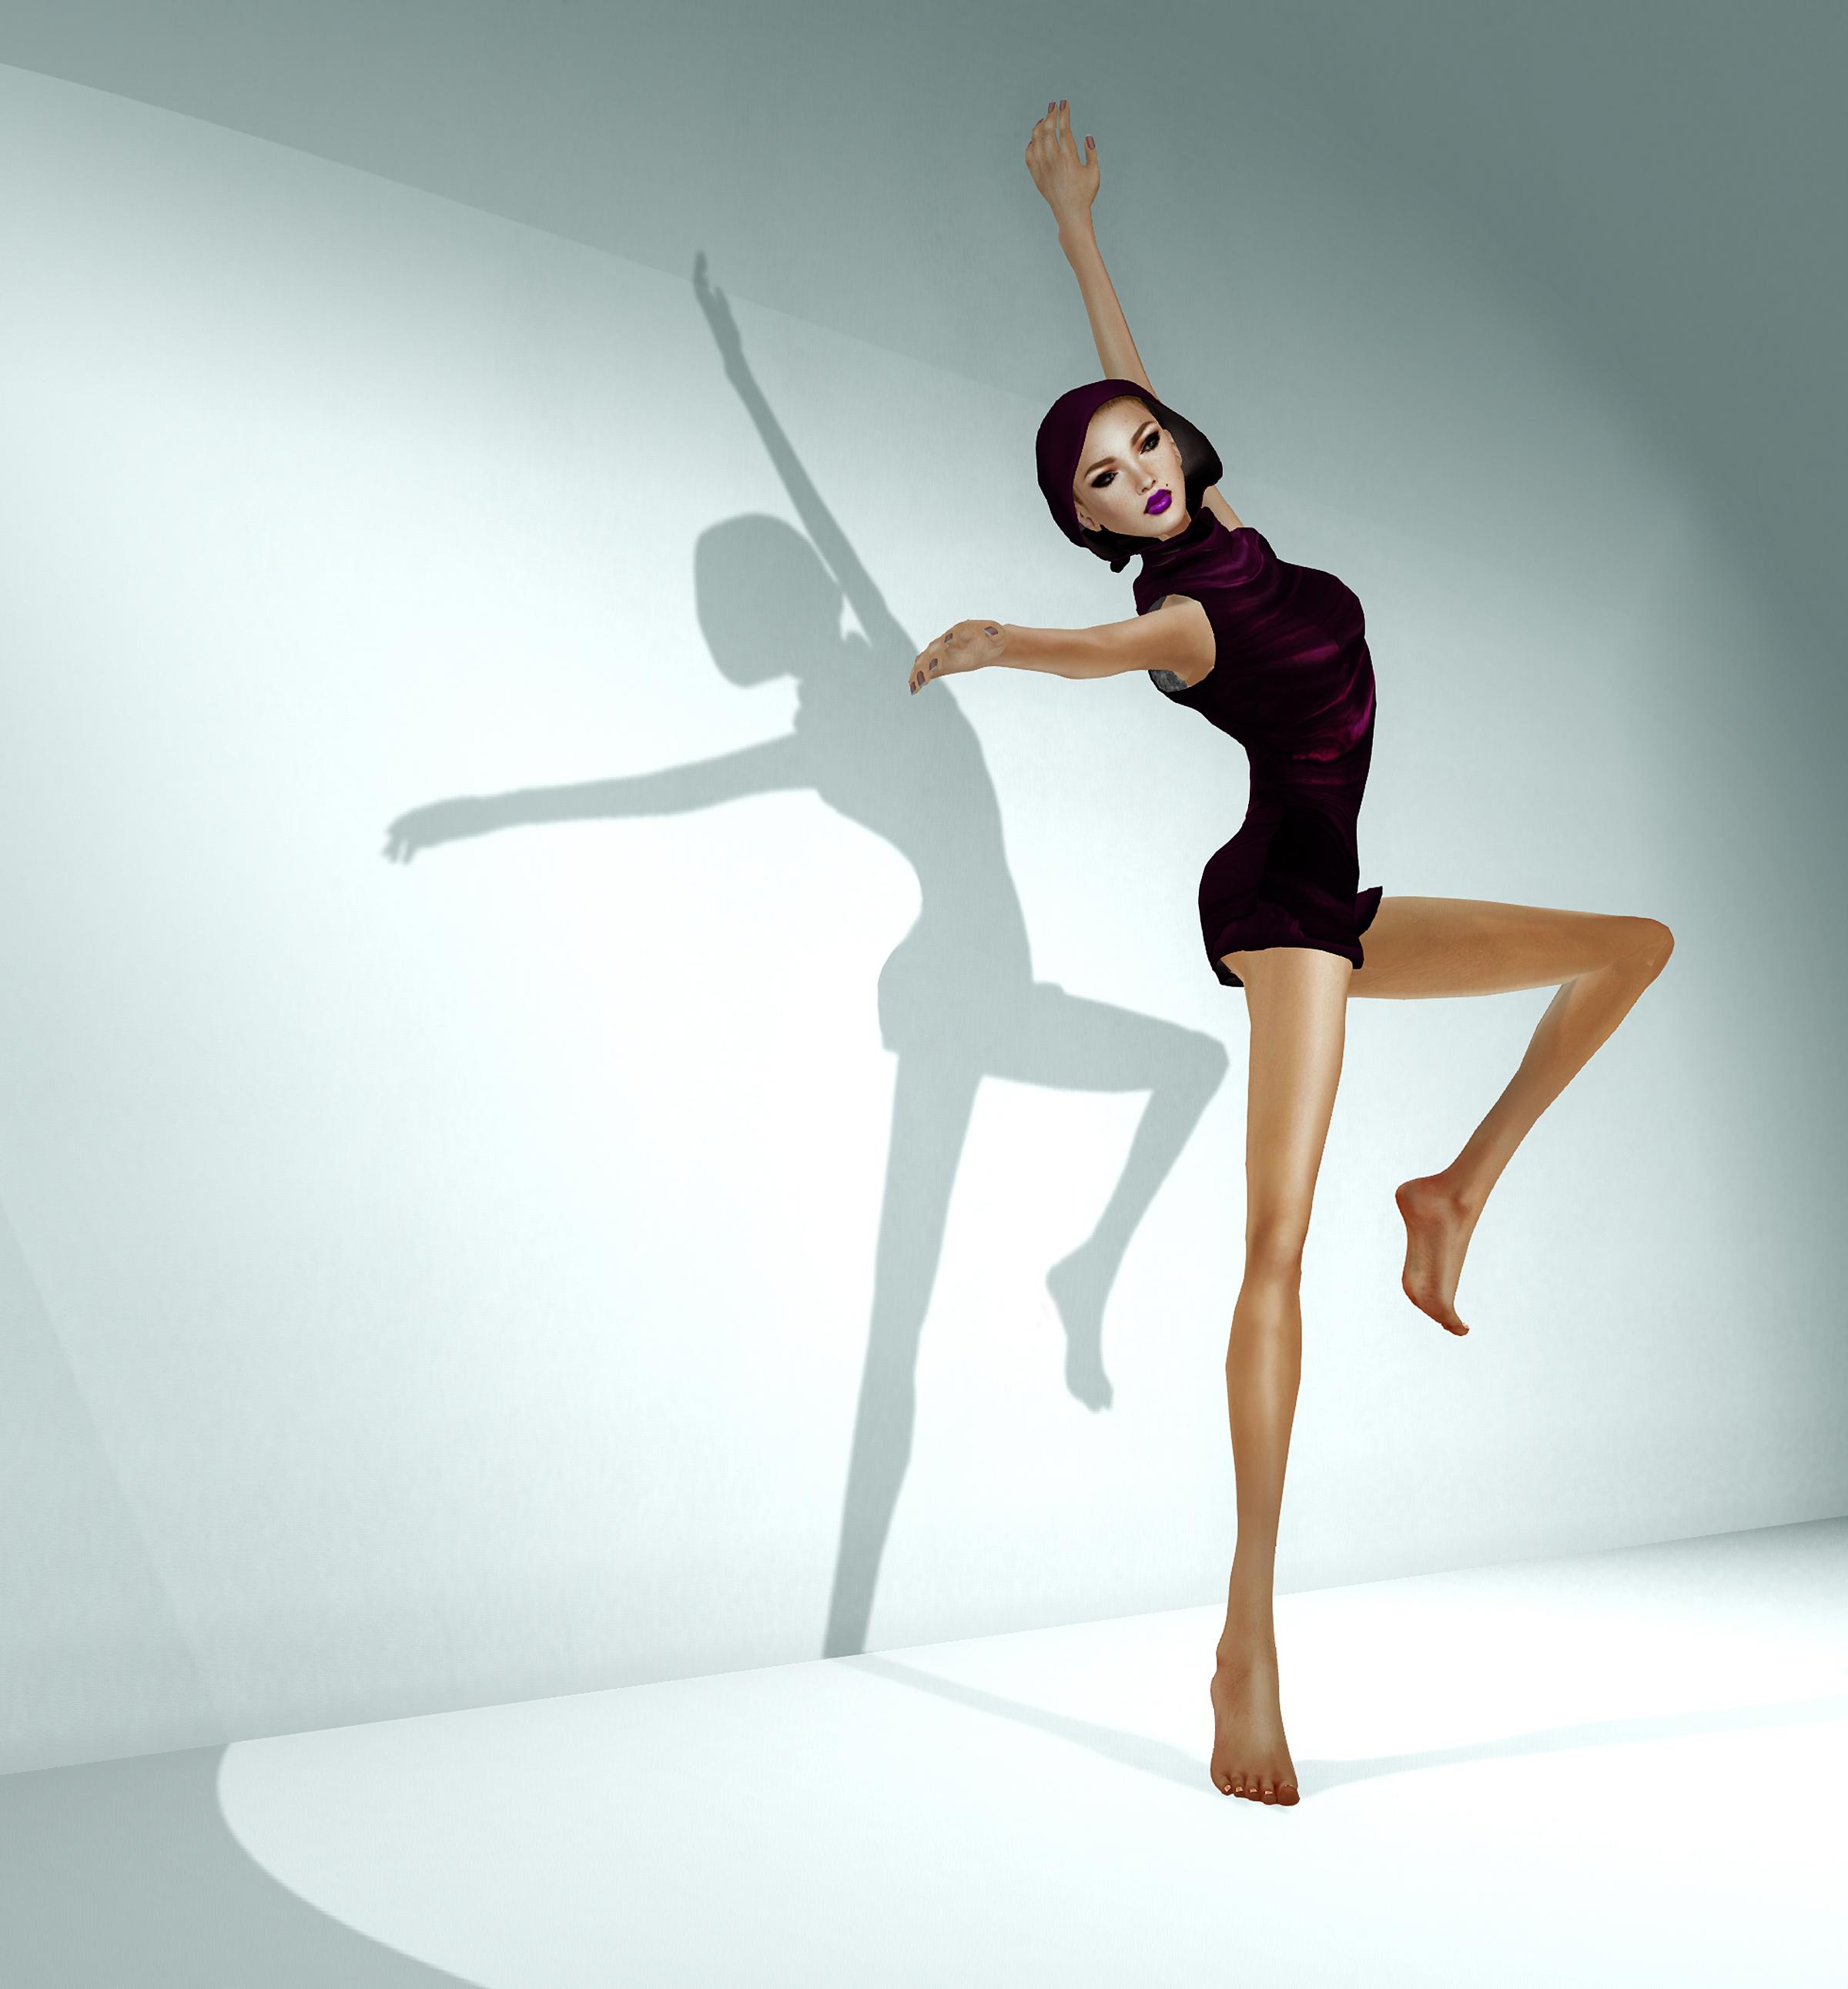 jazz dance poses